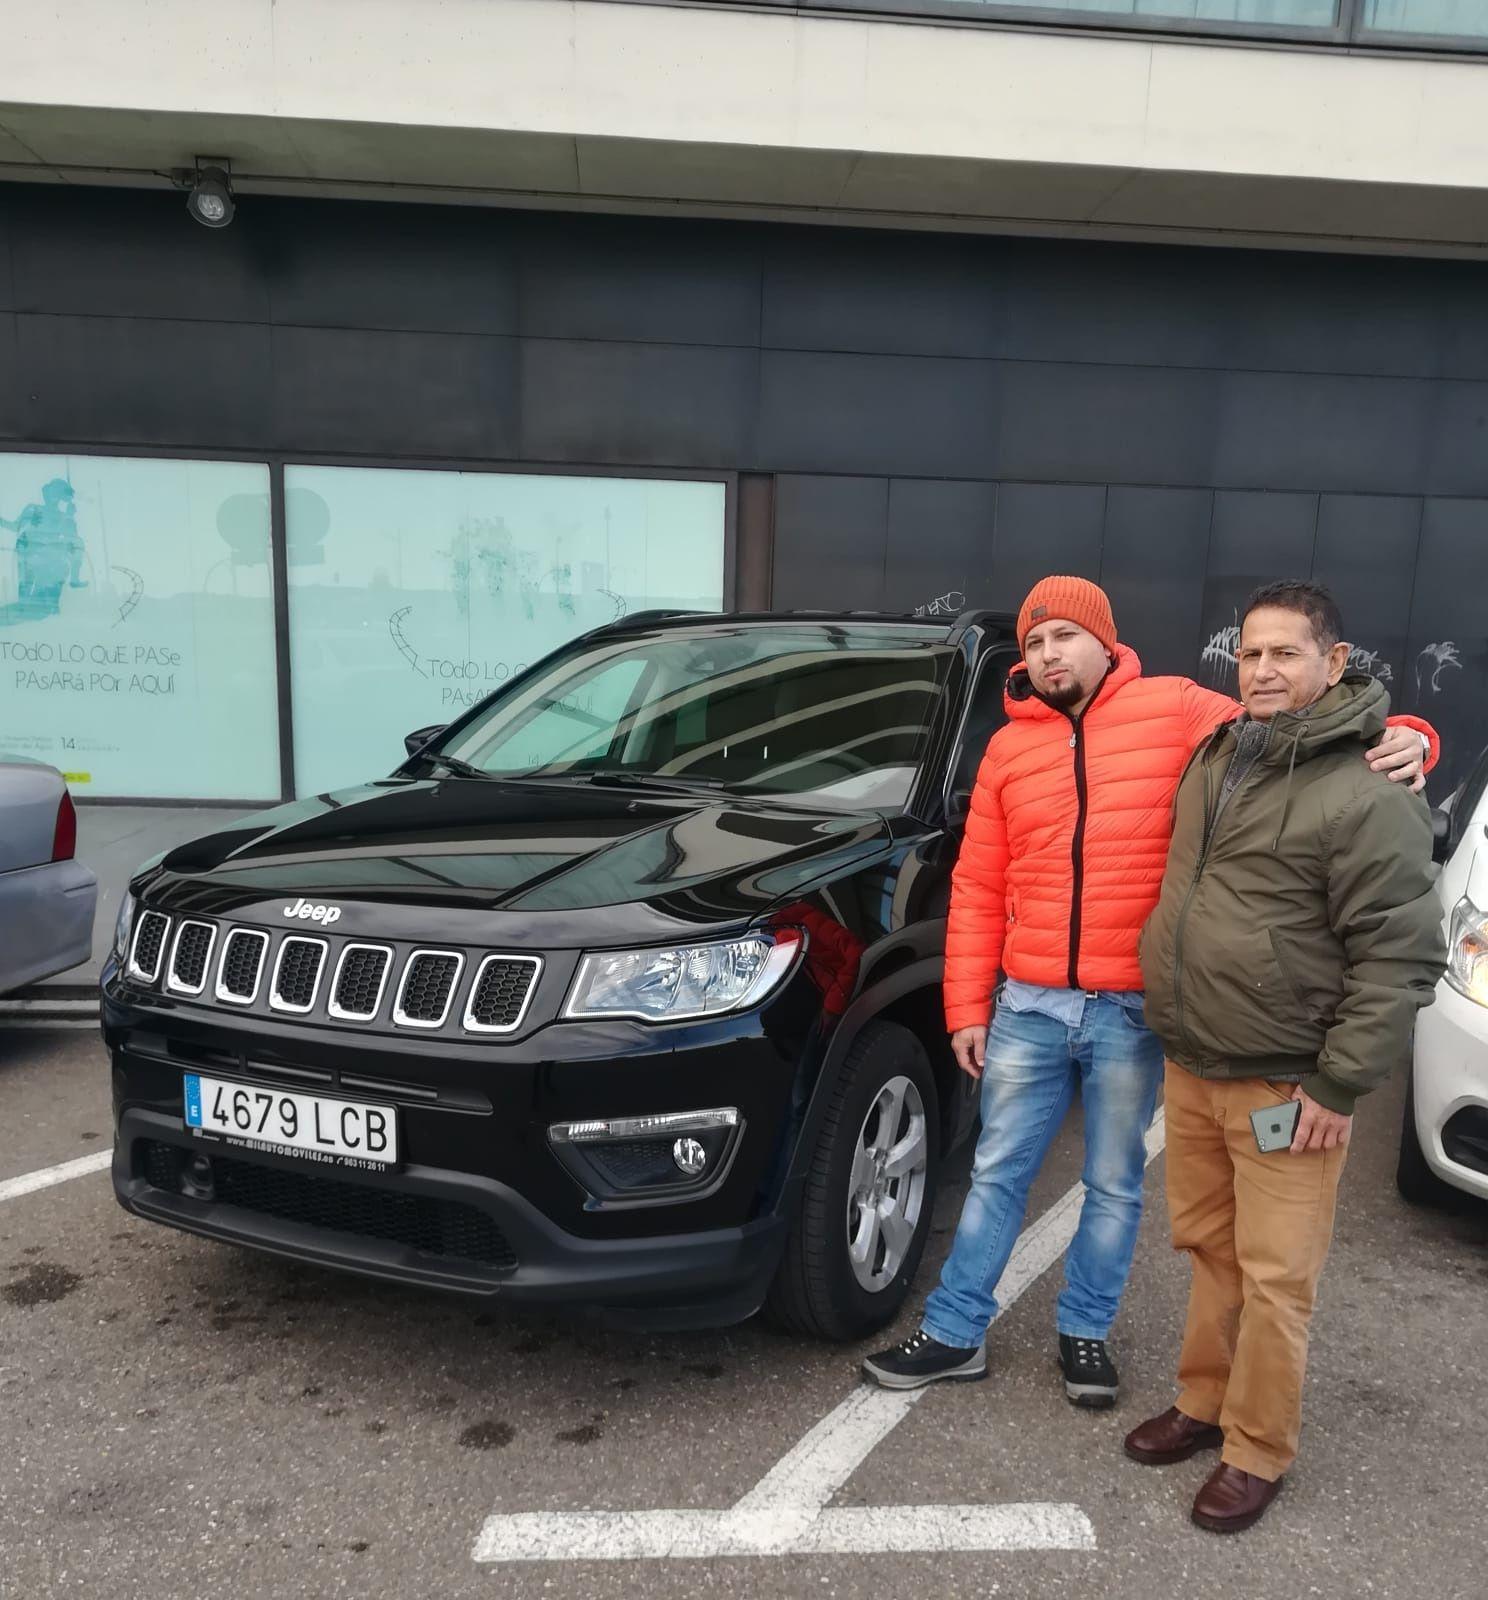 Milautomóviles entrega a Julián un tigre o León Jeep Renegade acabado Longitude